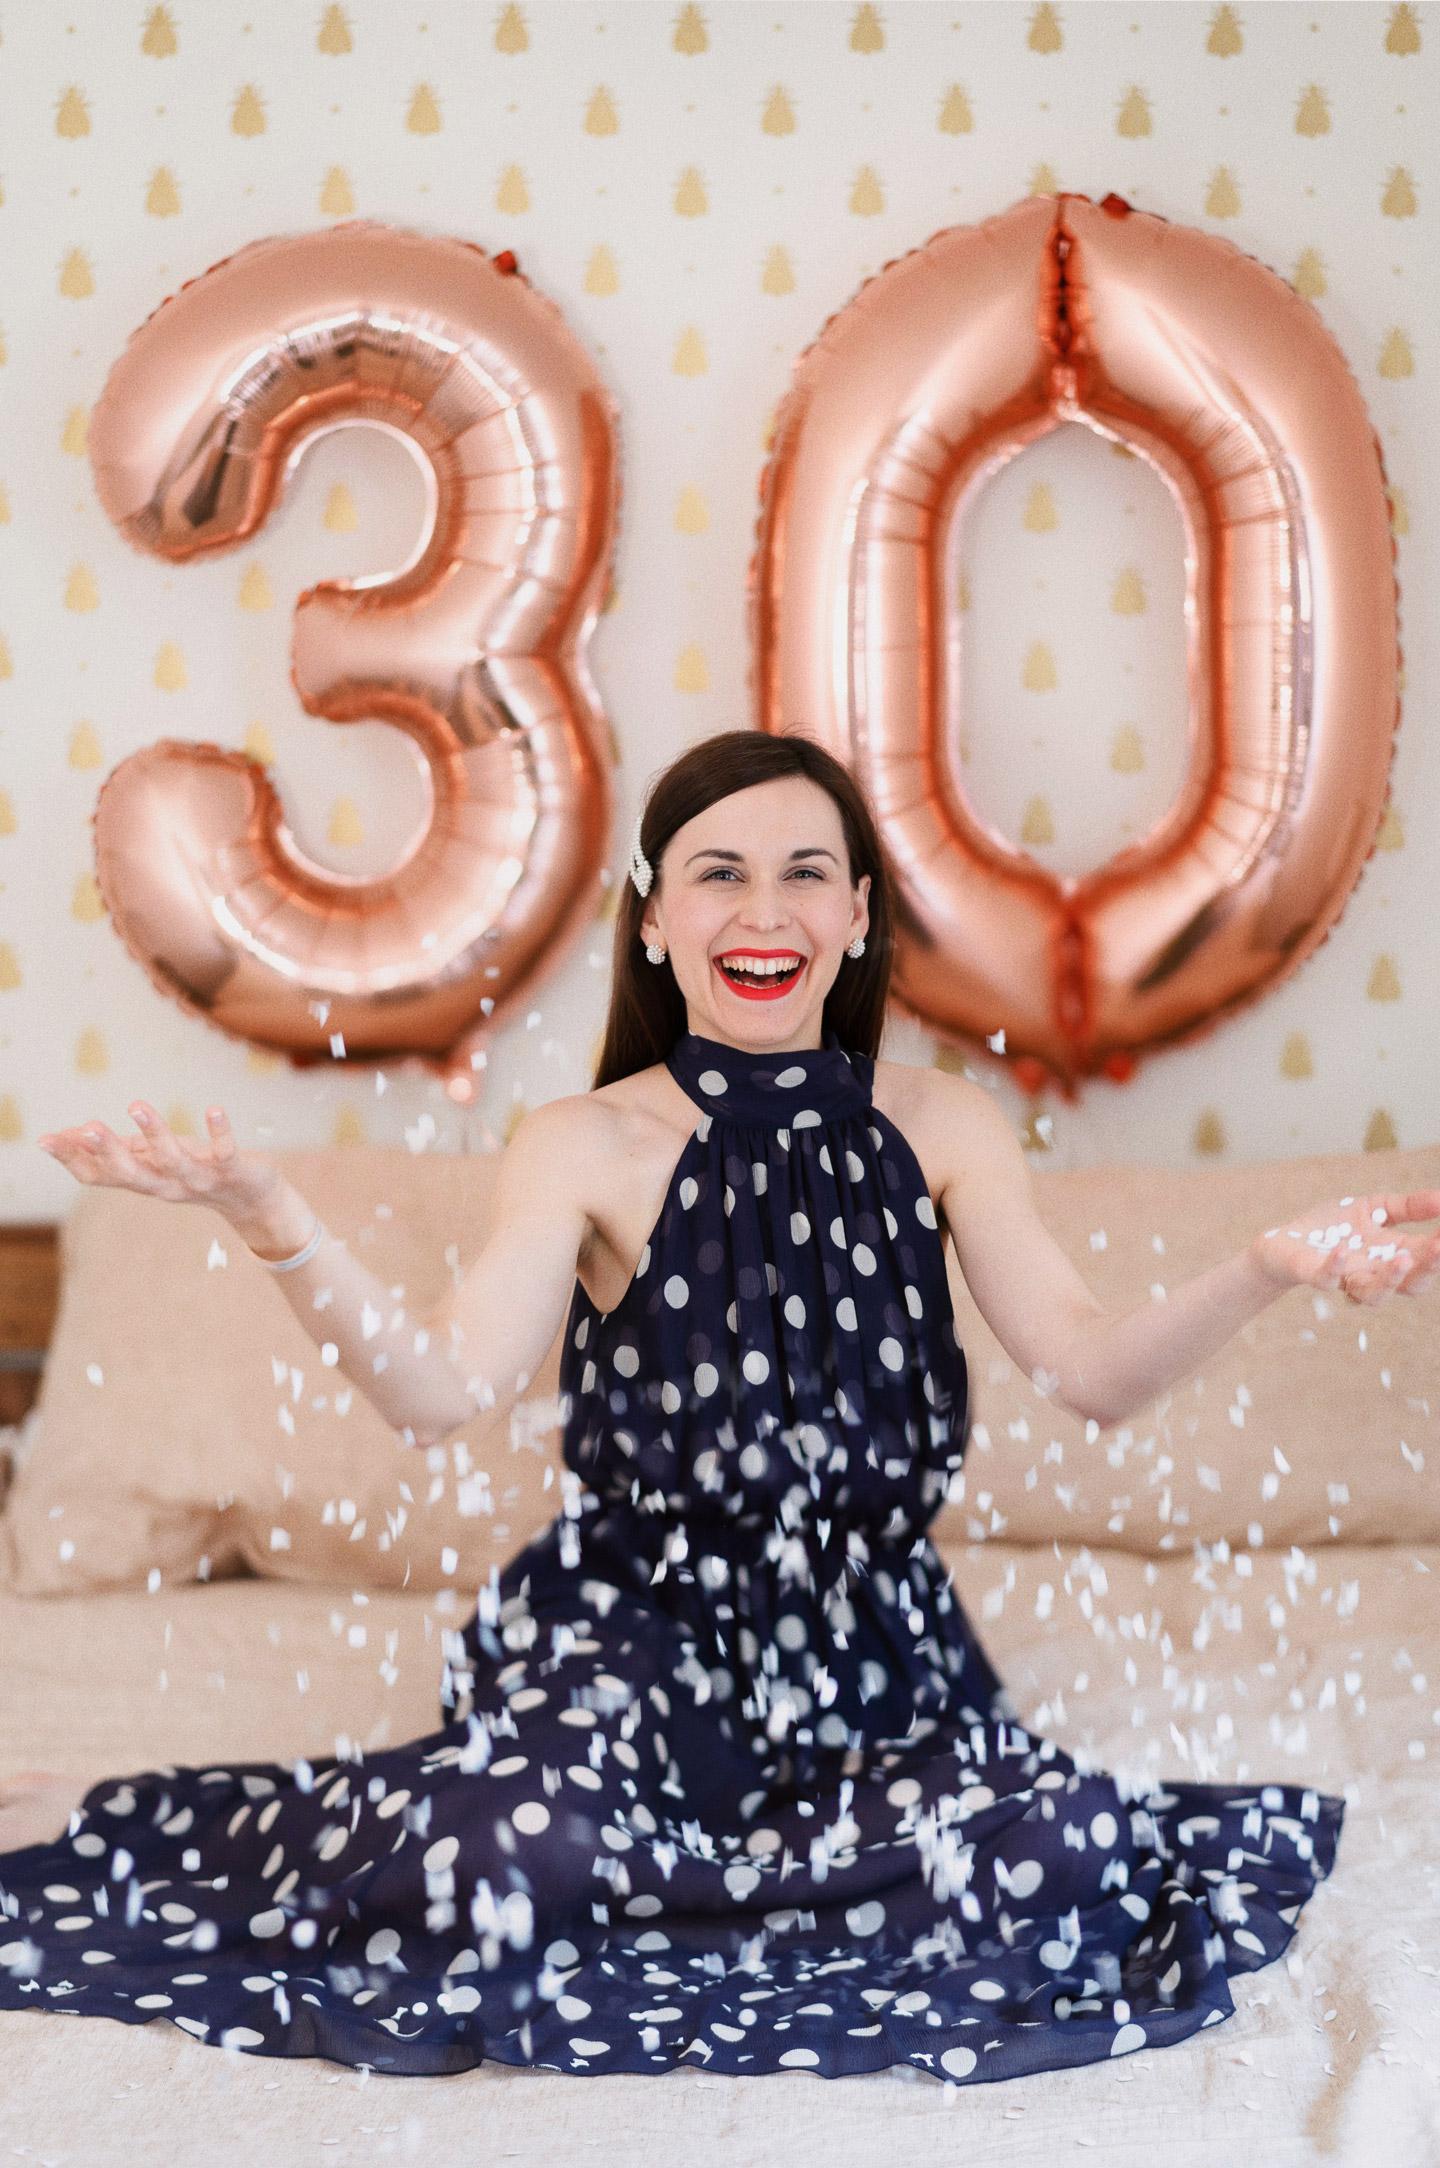 choses-appris-en-30-ans-anniversaire-ok4